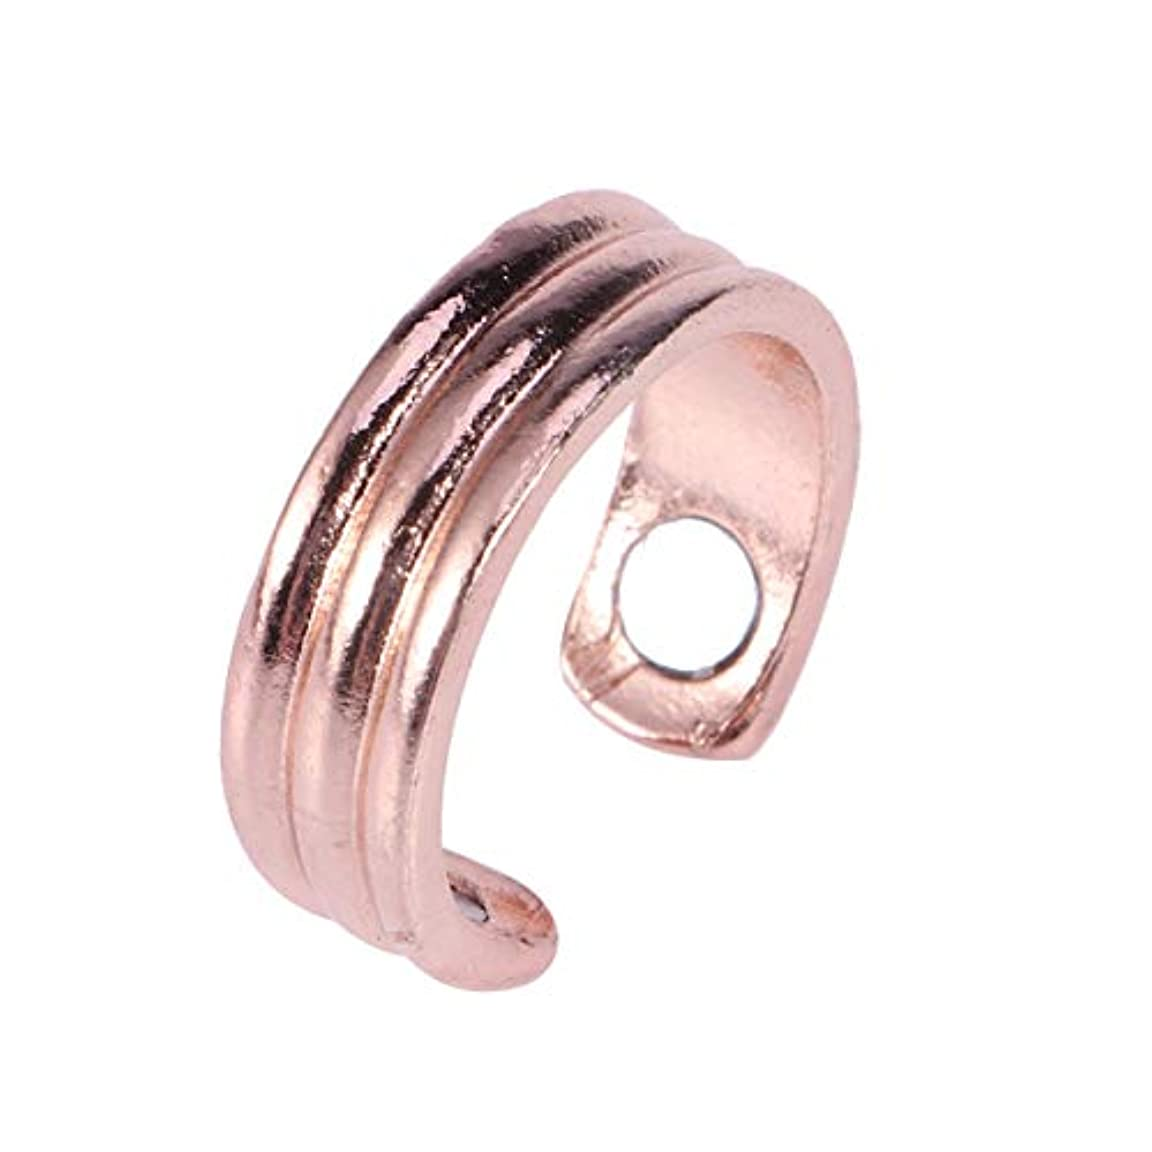 範囲問い合わせる本能SUPVOX 磁気リング療法指圧抗いびきリング息切れ治療指圧治療ヘルスケア関節炎